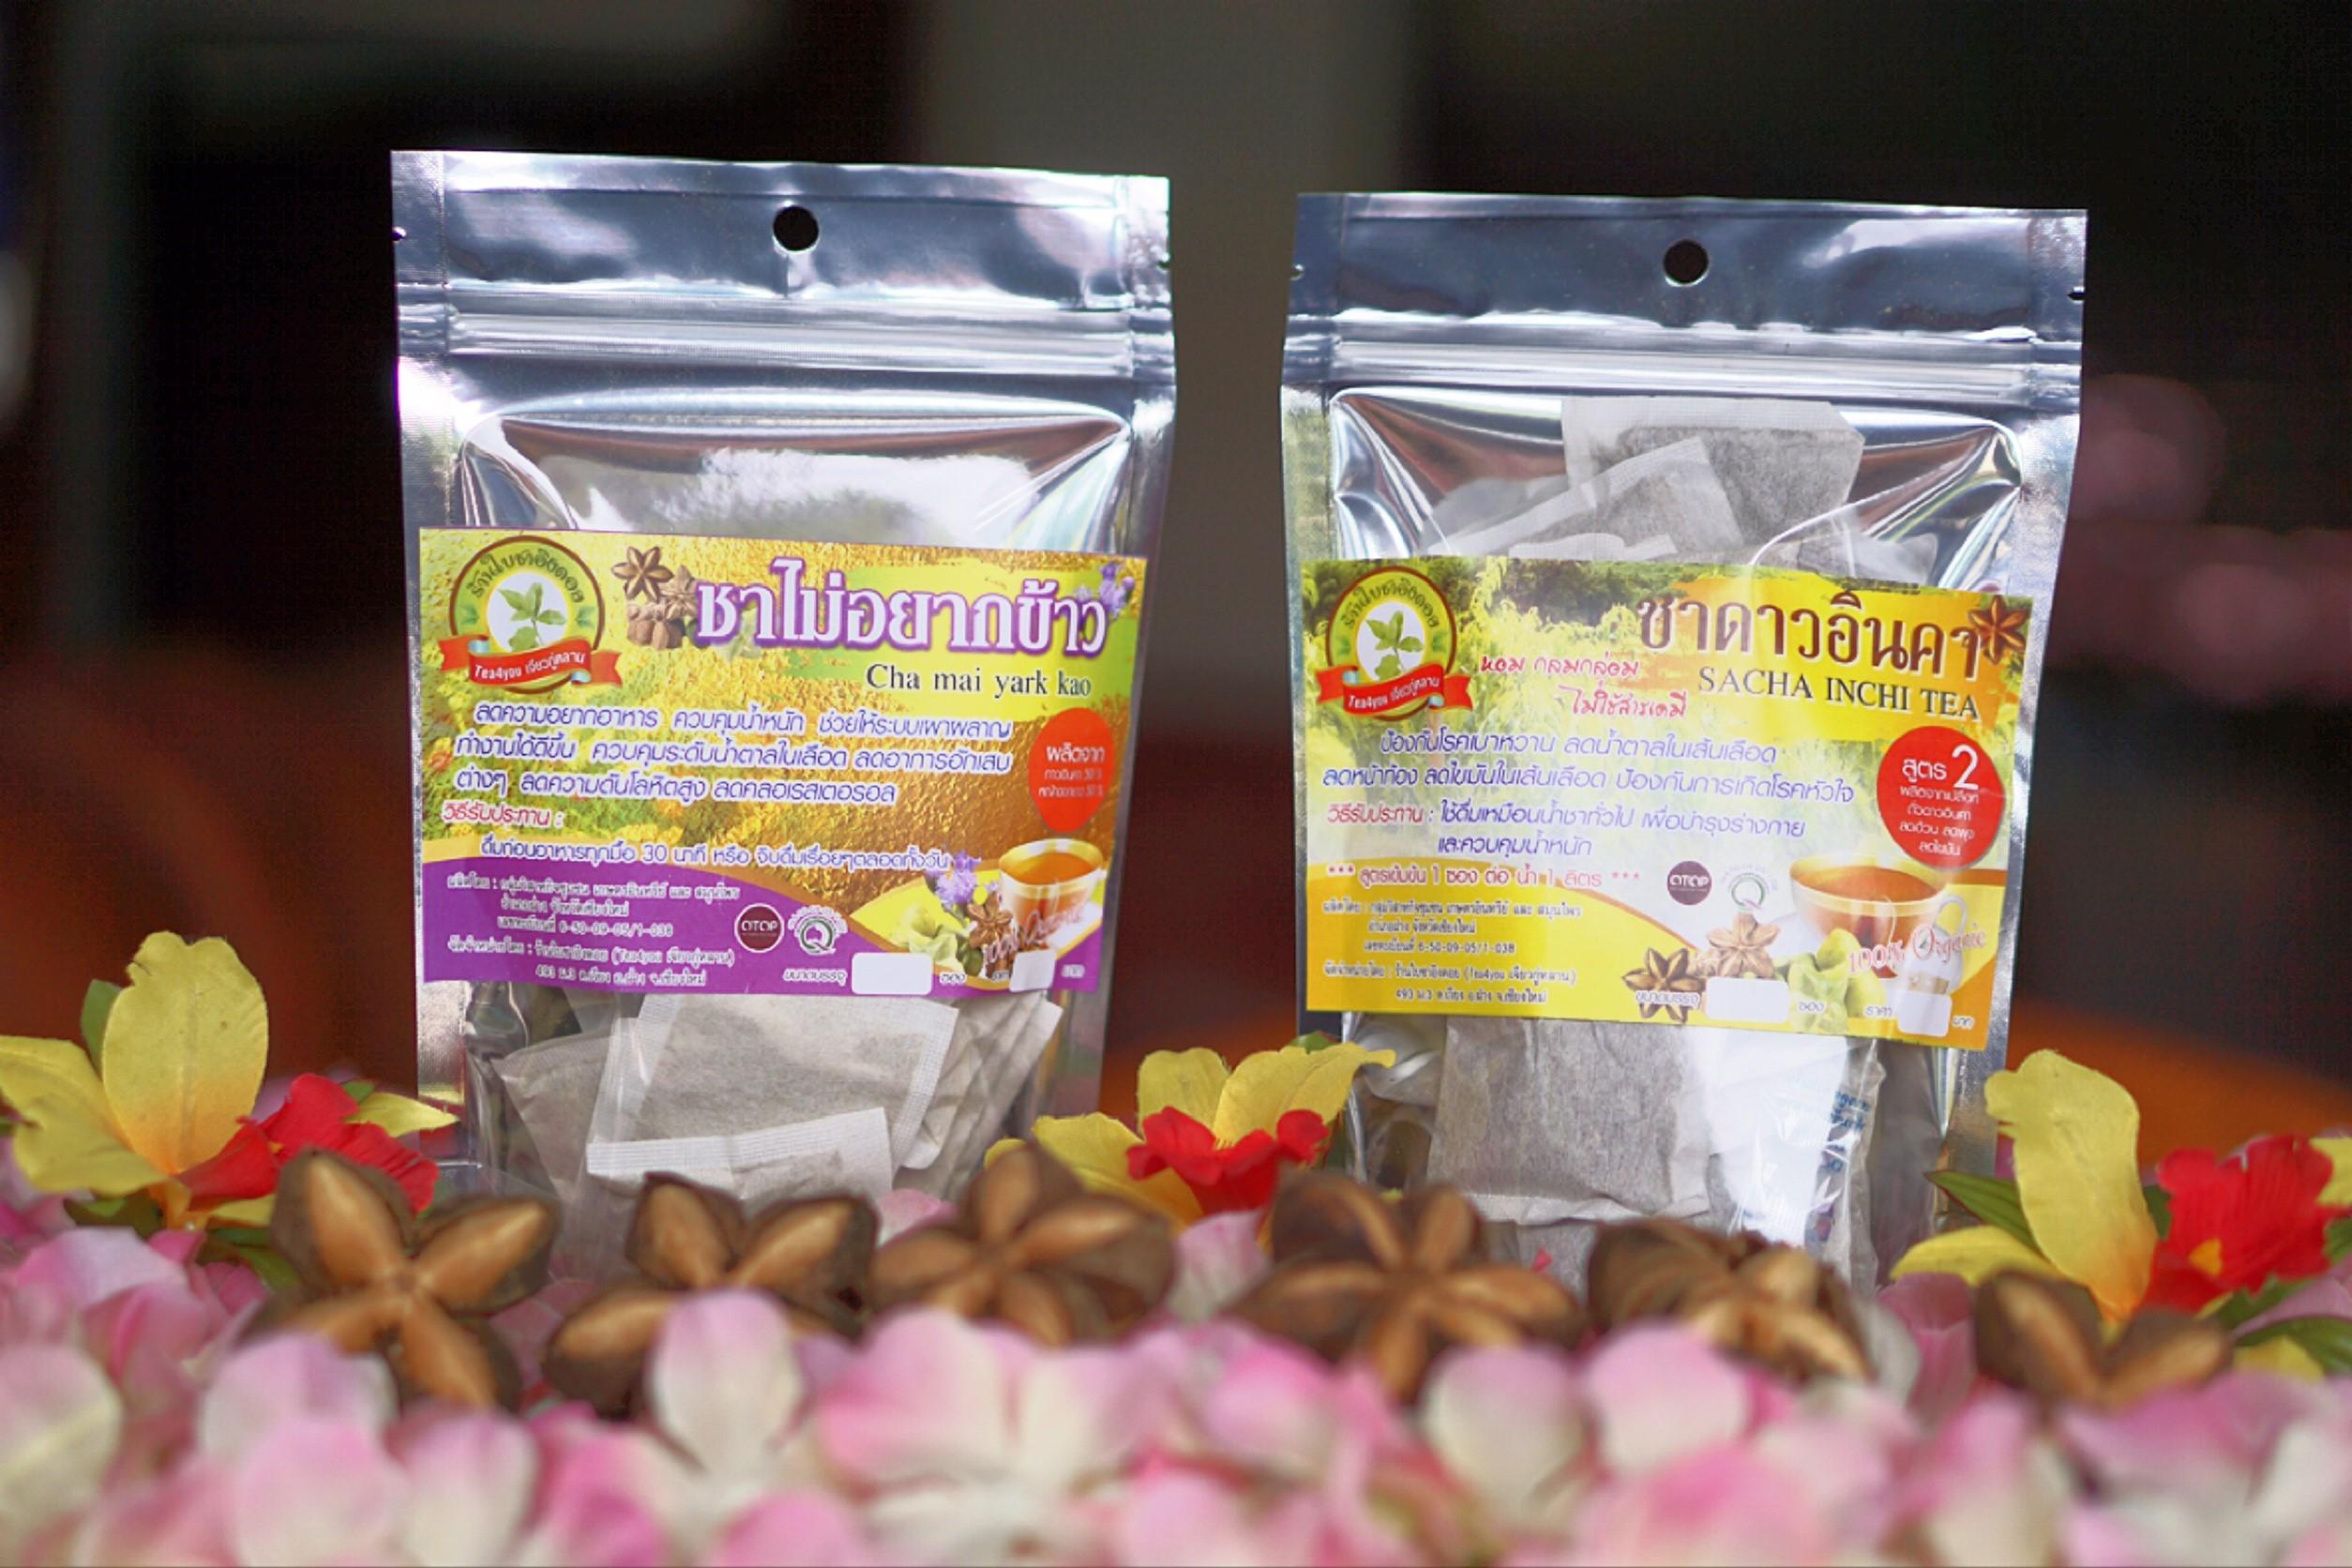 สินค้าพิเศษ ราคาโปรโมชั่น ชาดาวอินคาสูตร 2 + ชาไม่อยากข้าว ขนาดบรรจุห่อละ 15 ซองชา